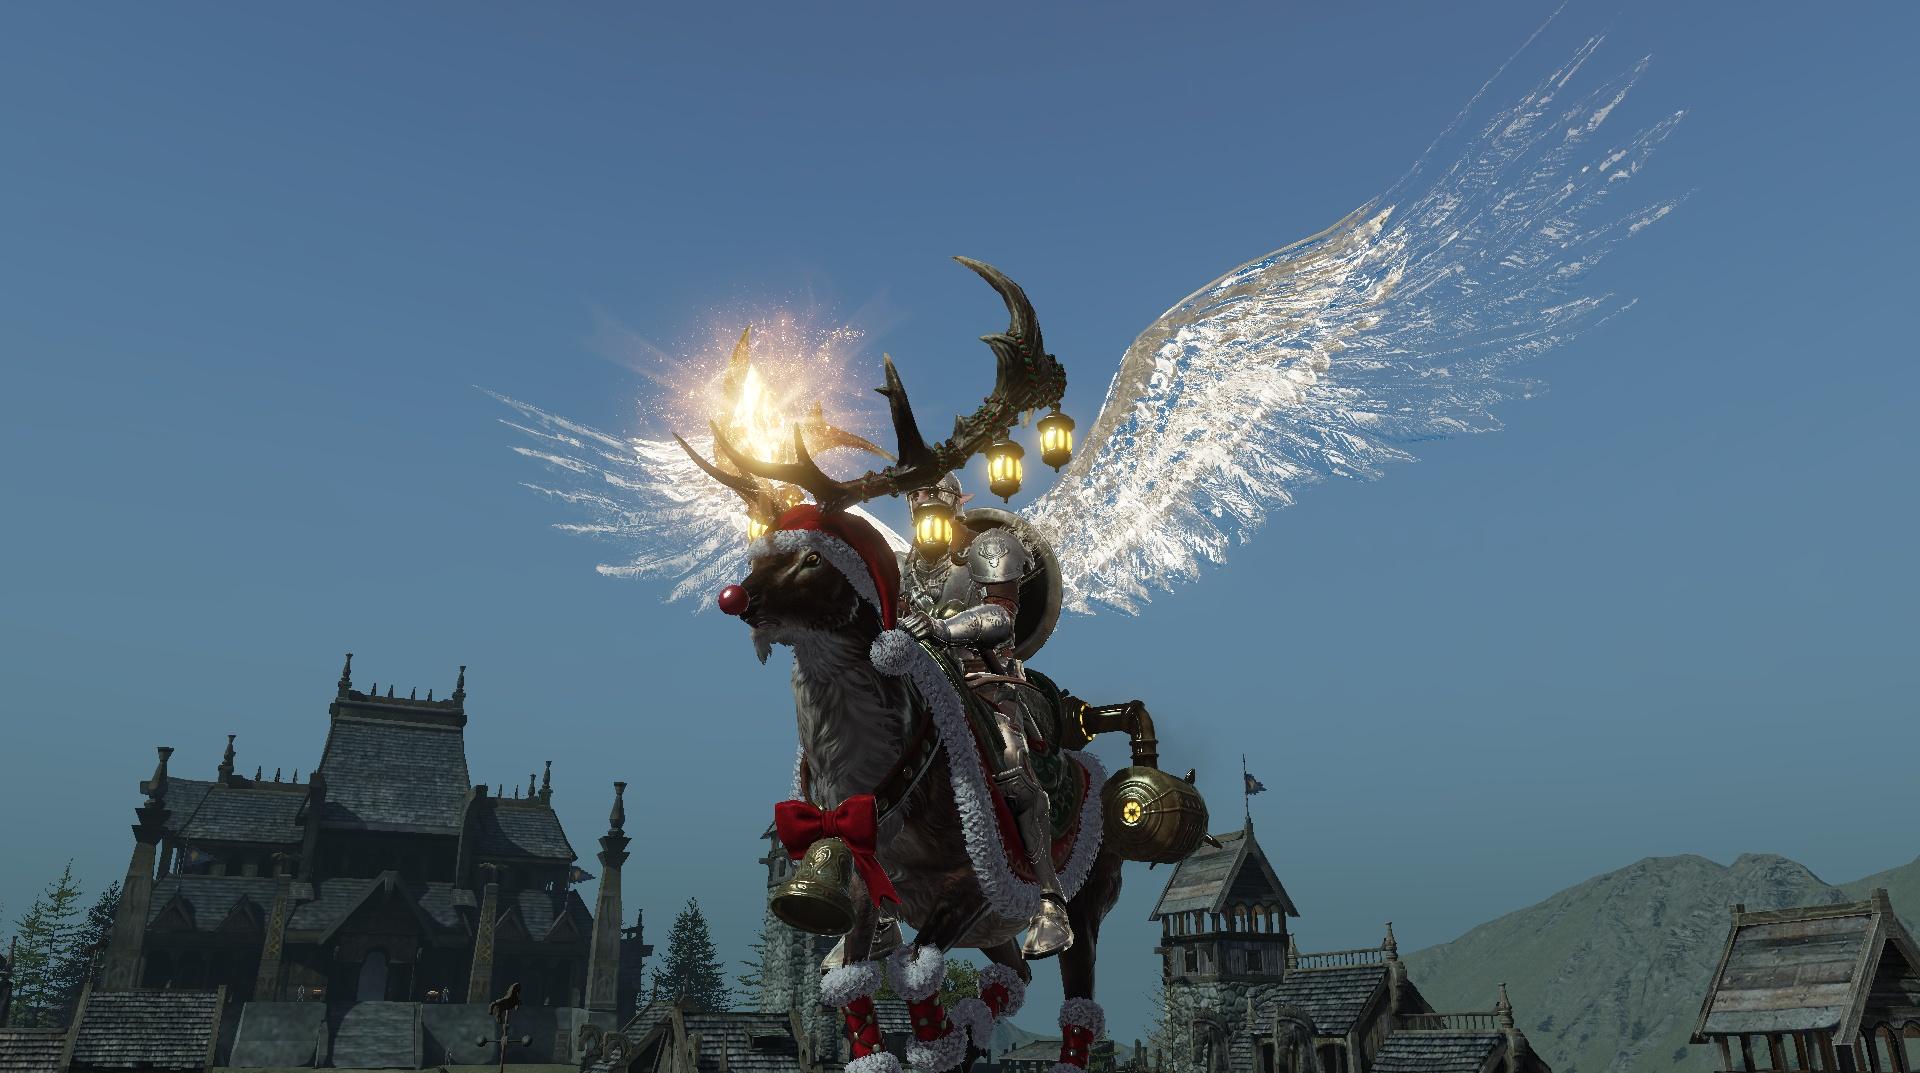 クリスマスイベントでもらえる、期間限定の飛行マウント「[伝説]ル・ドルチェ」